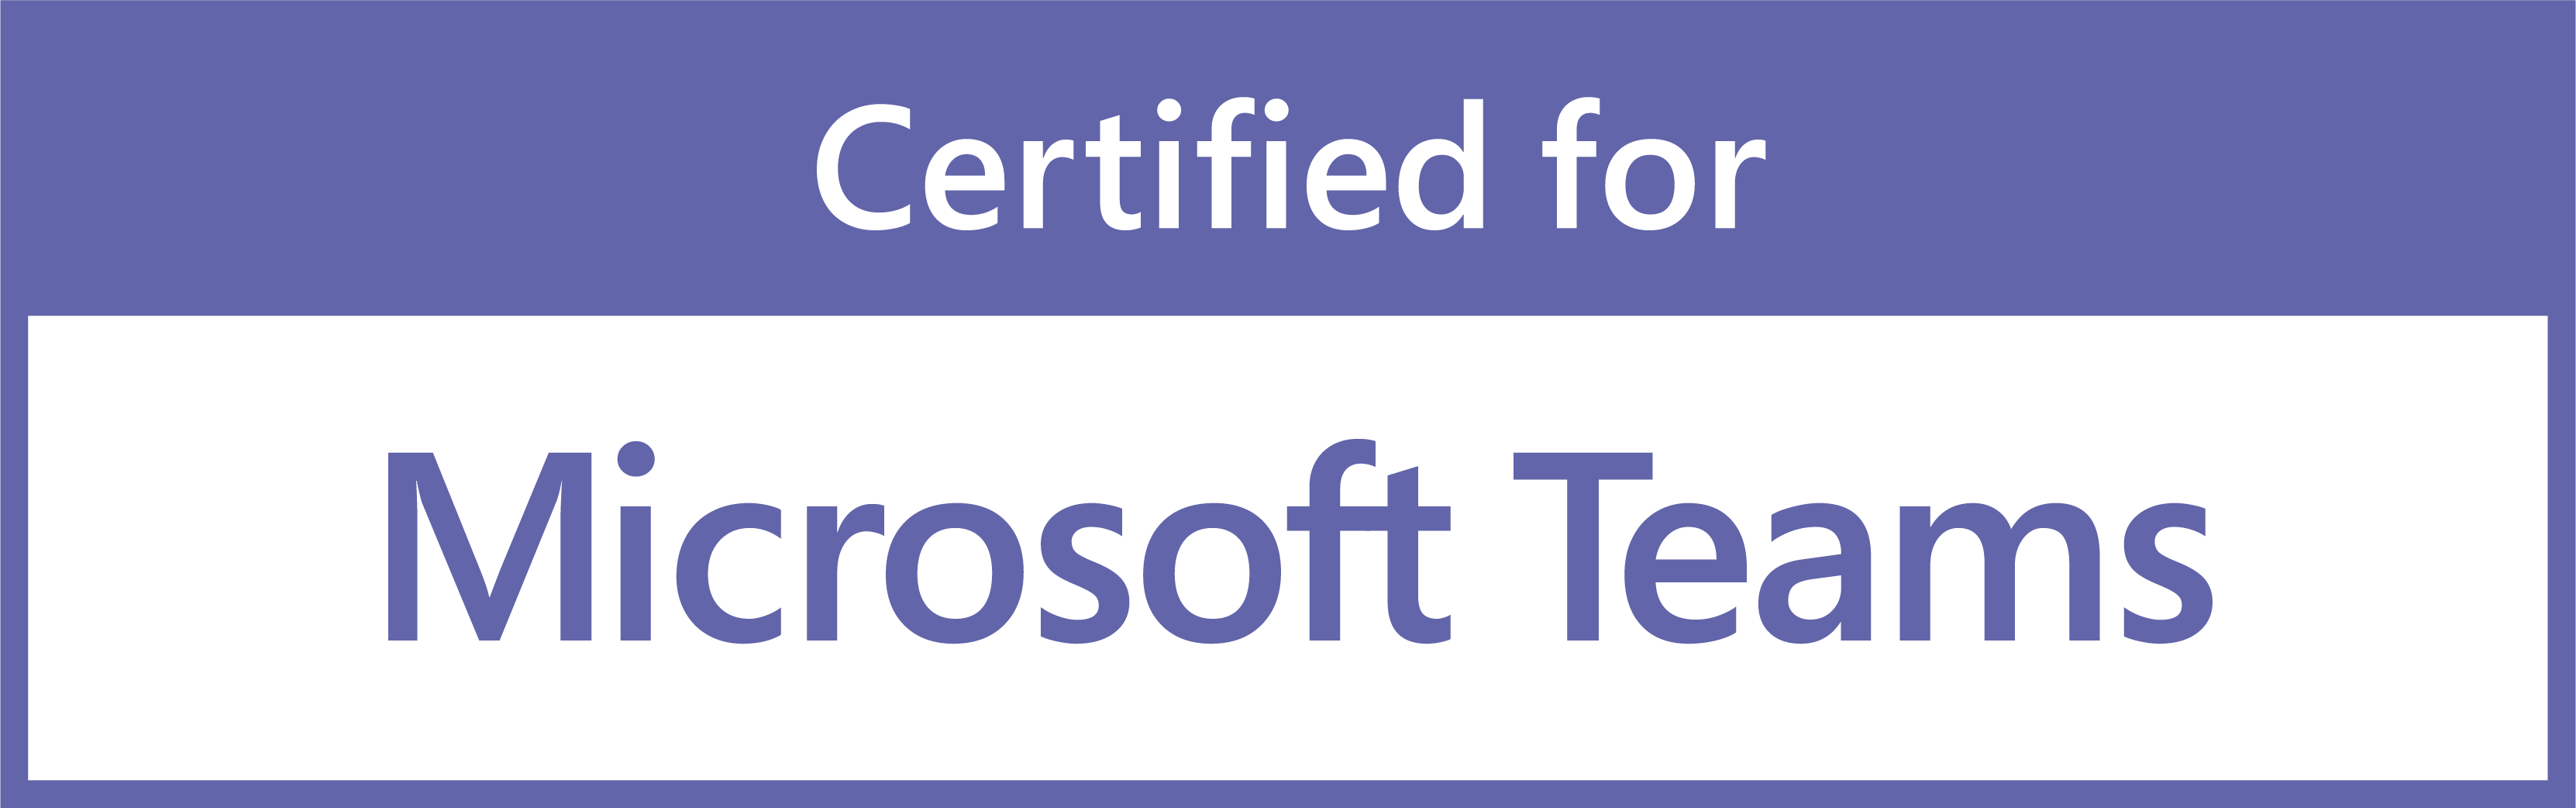 Microsoft Teams Certified